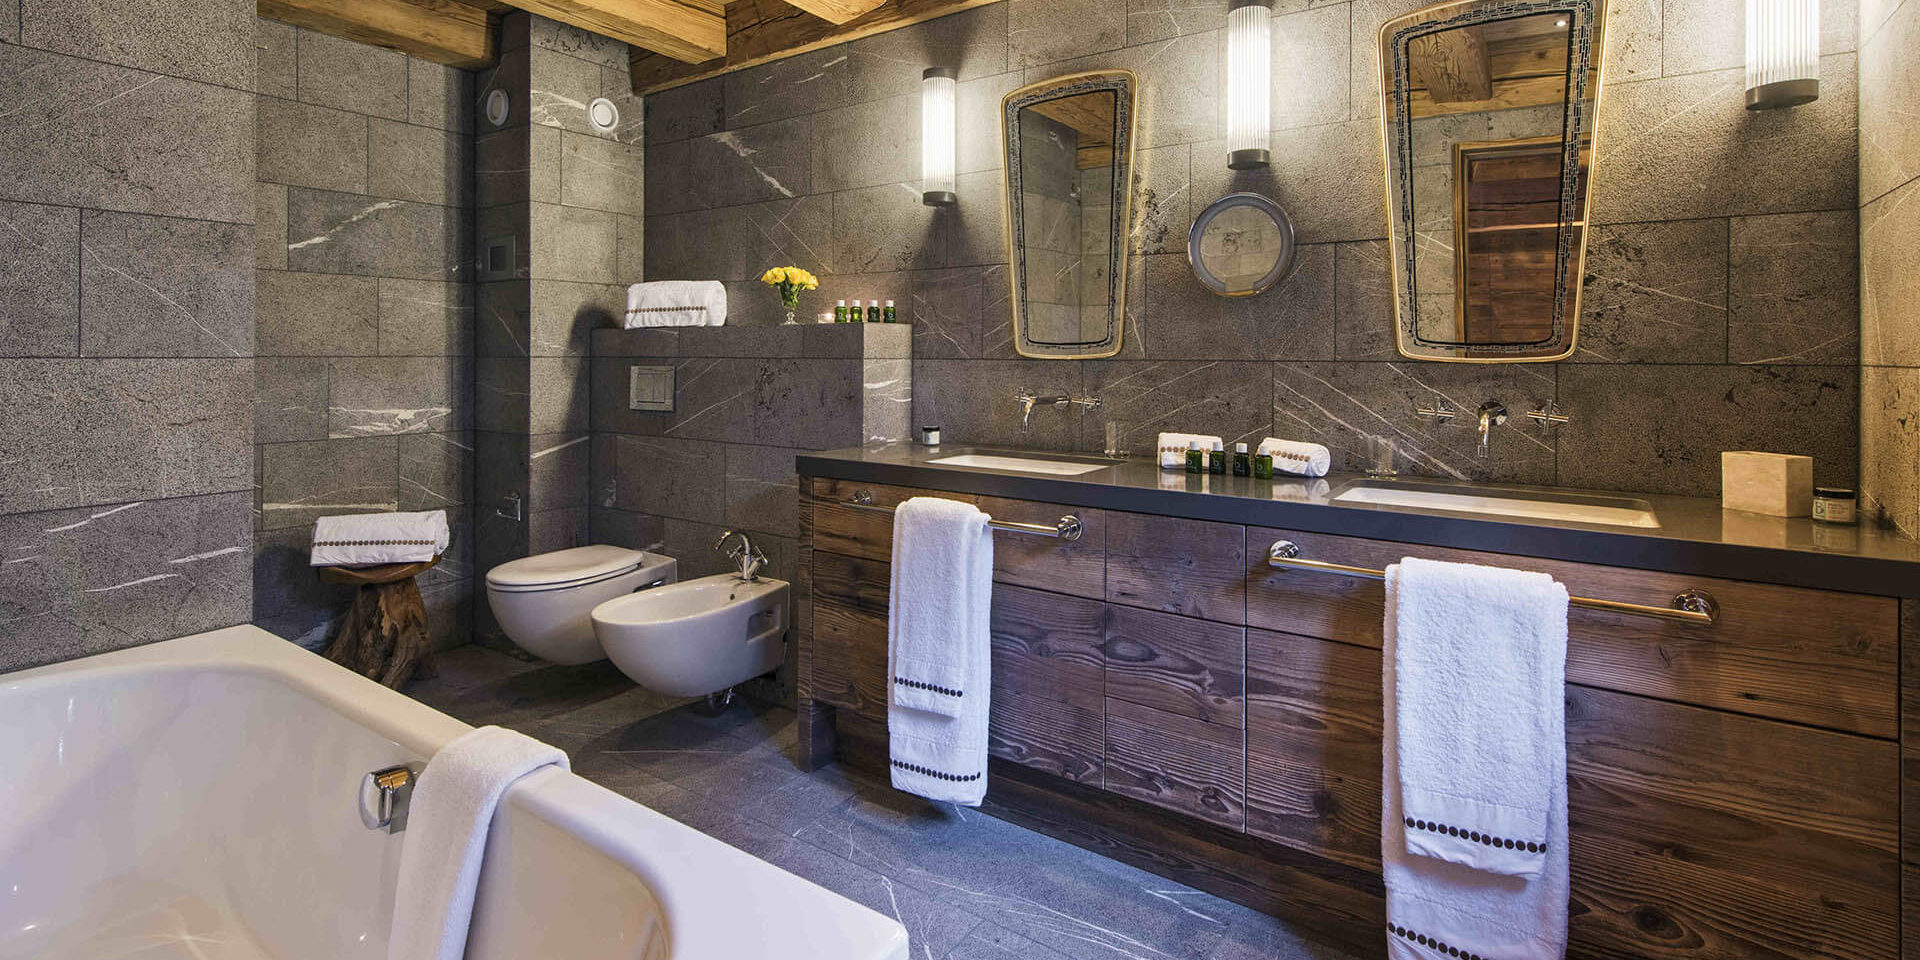 Appartement Place Blanche Verbier Les 4 Vallees Zwitserland wintersport skivakantie luxe badkamer bad dubbele wasbak spiegel handdoeken toilet